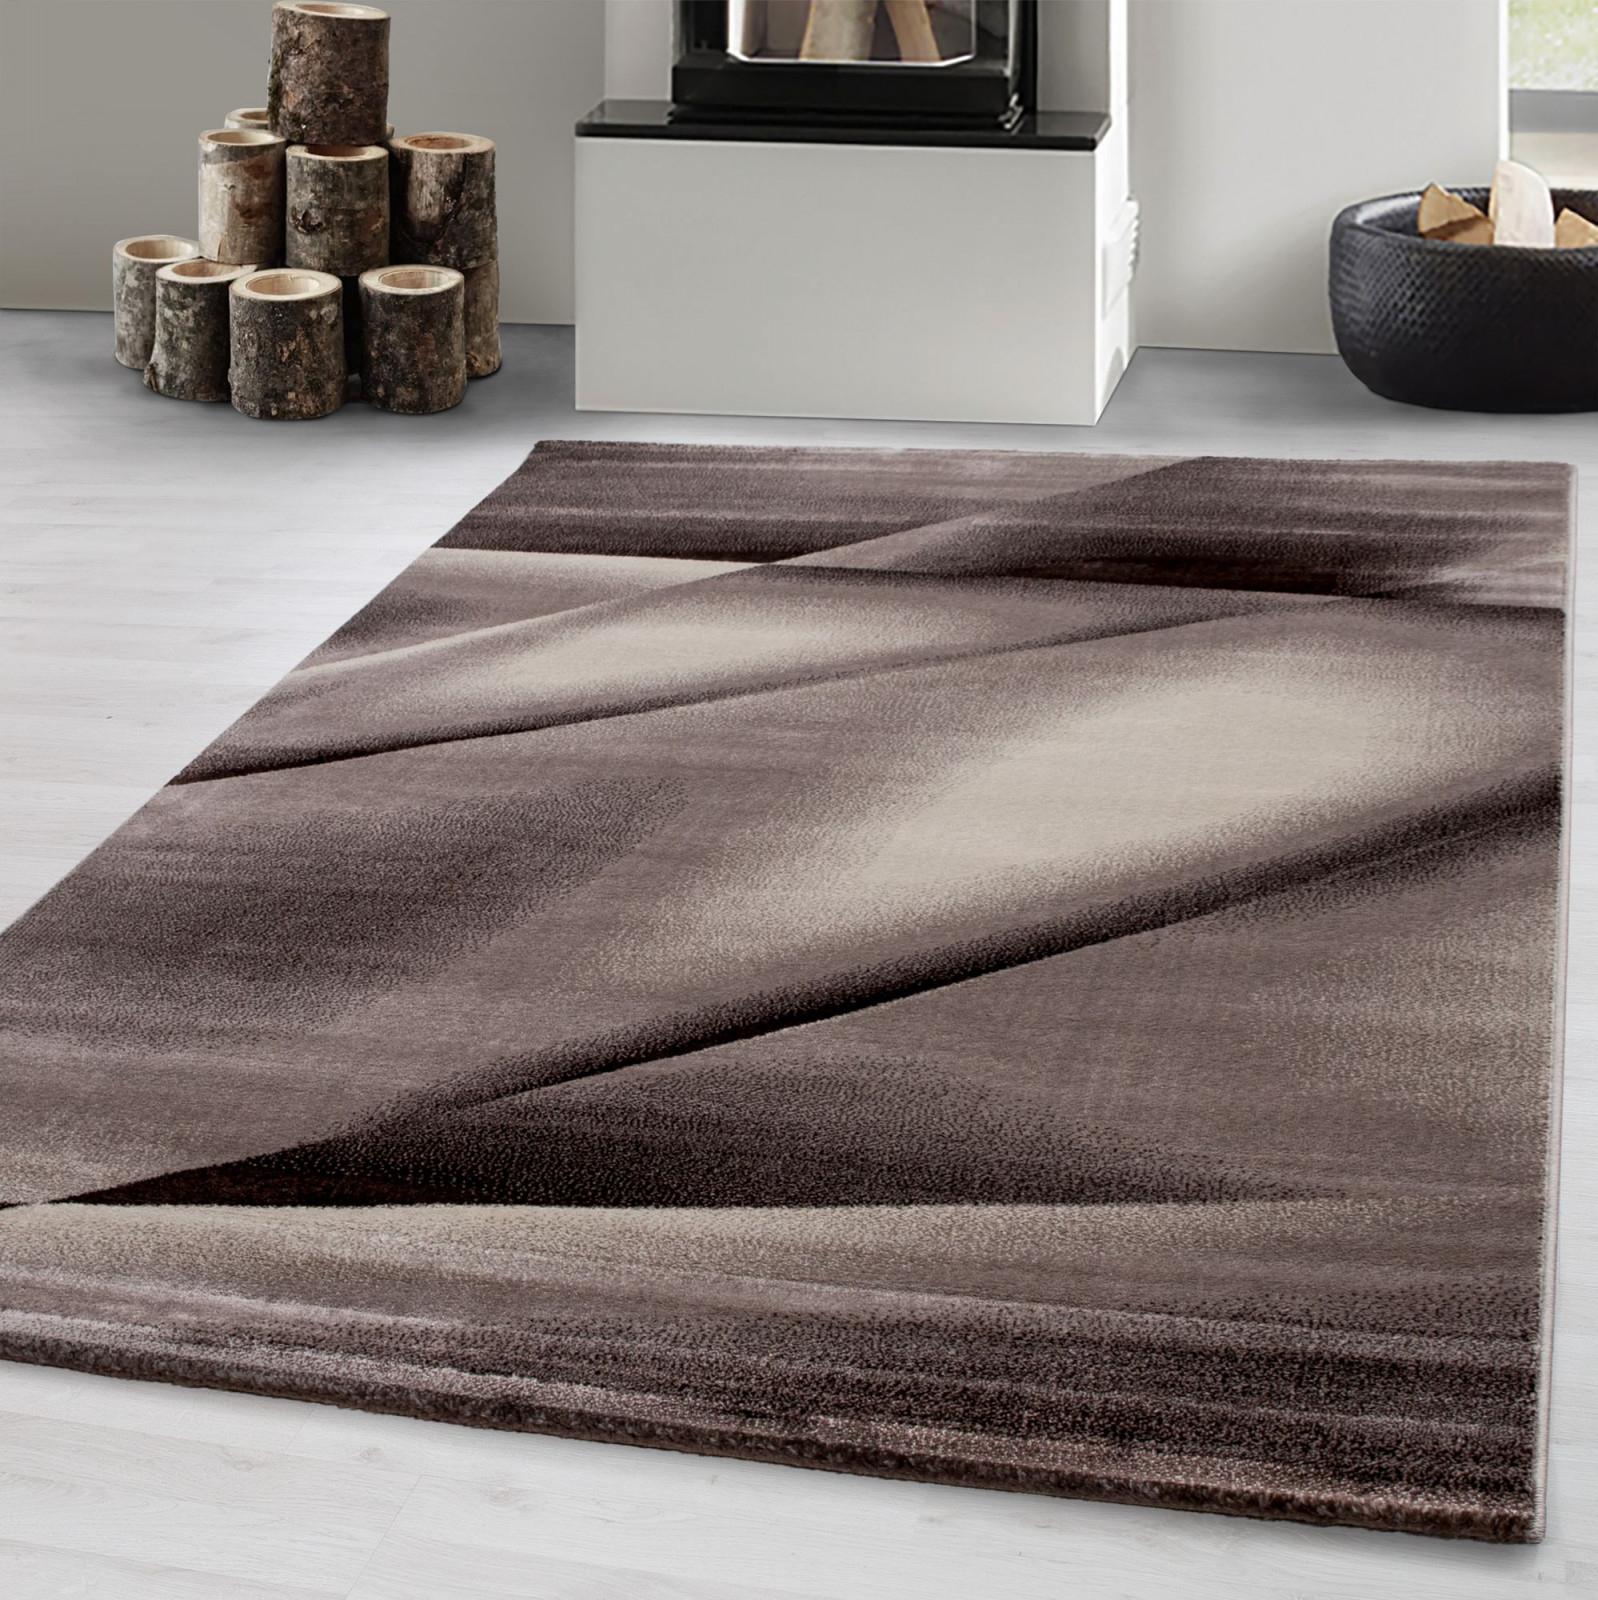 Designer Teppich Kurzflorwohnzimmerteppichlinien Wellen Gemustertbraun   Mono Home Gmbh von Wohnzimmer Teppich Braun Beige Photo